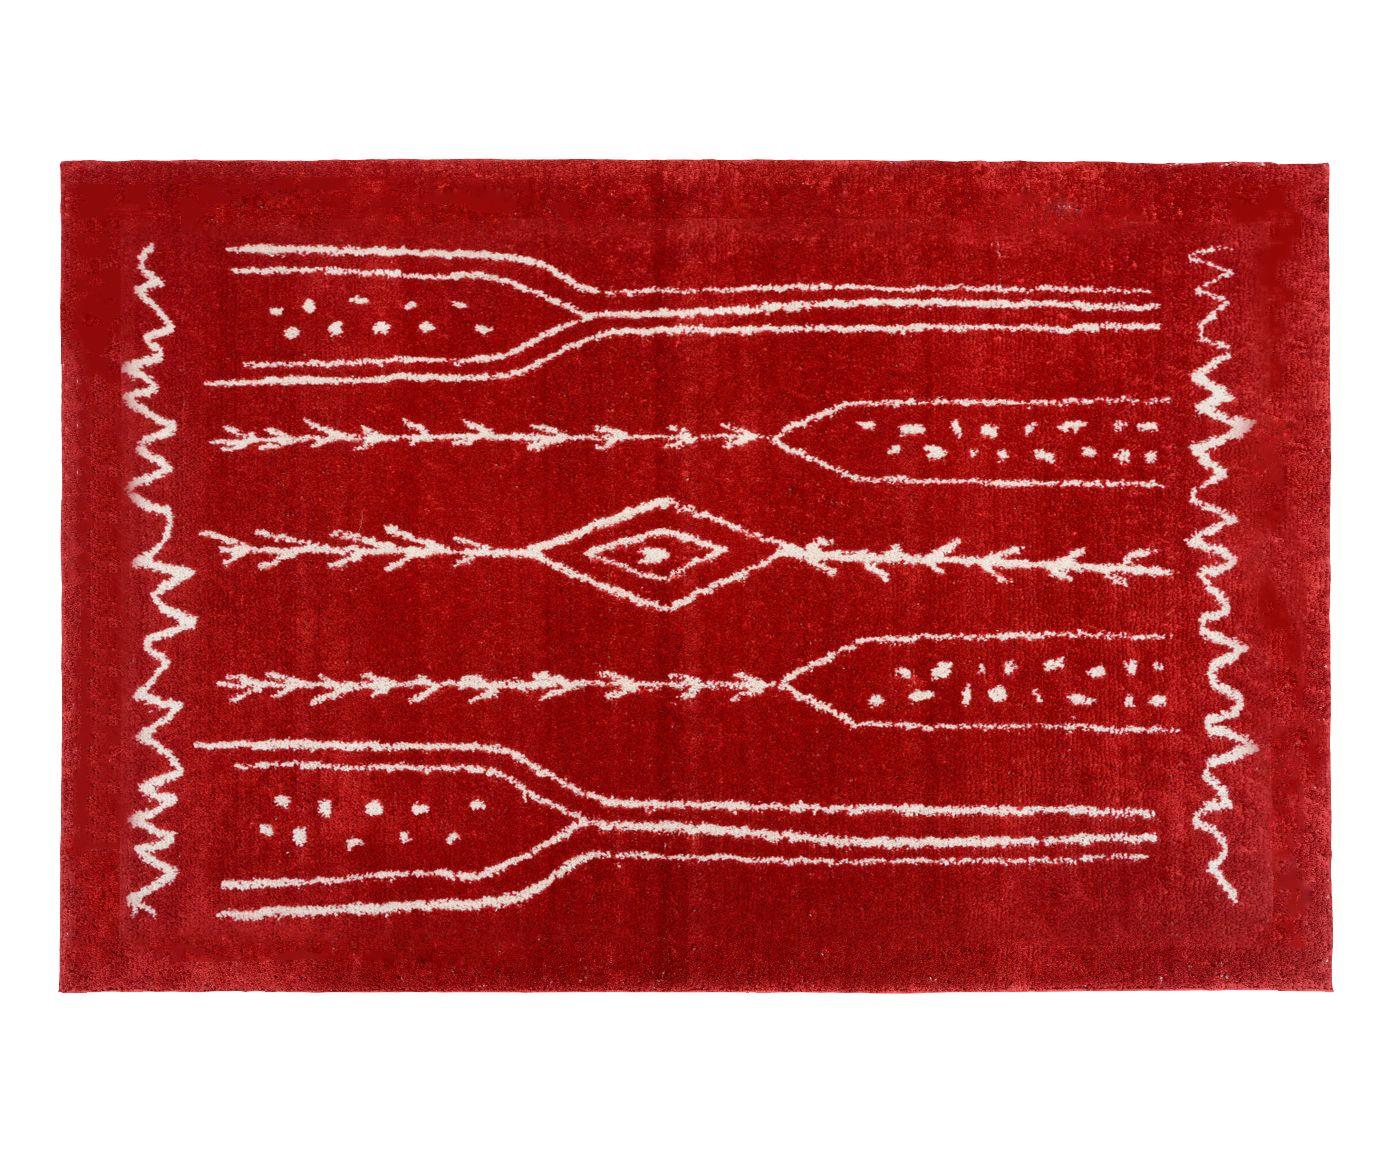 Tapete Art Safia Rubi - 150X200cm, 150x200cm | Westwing.com.br